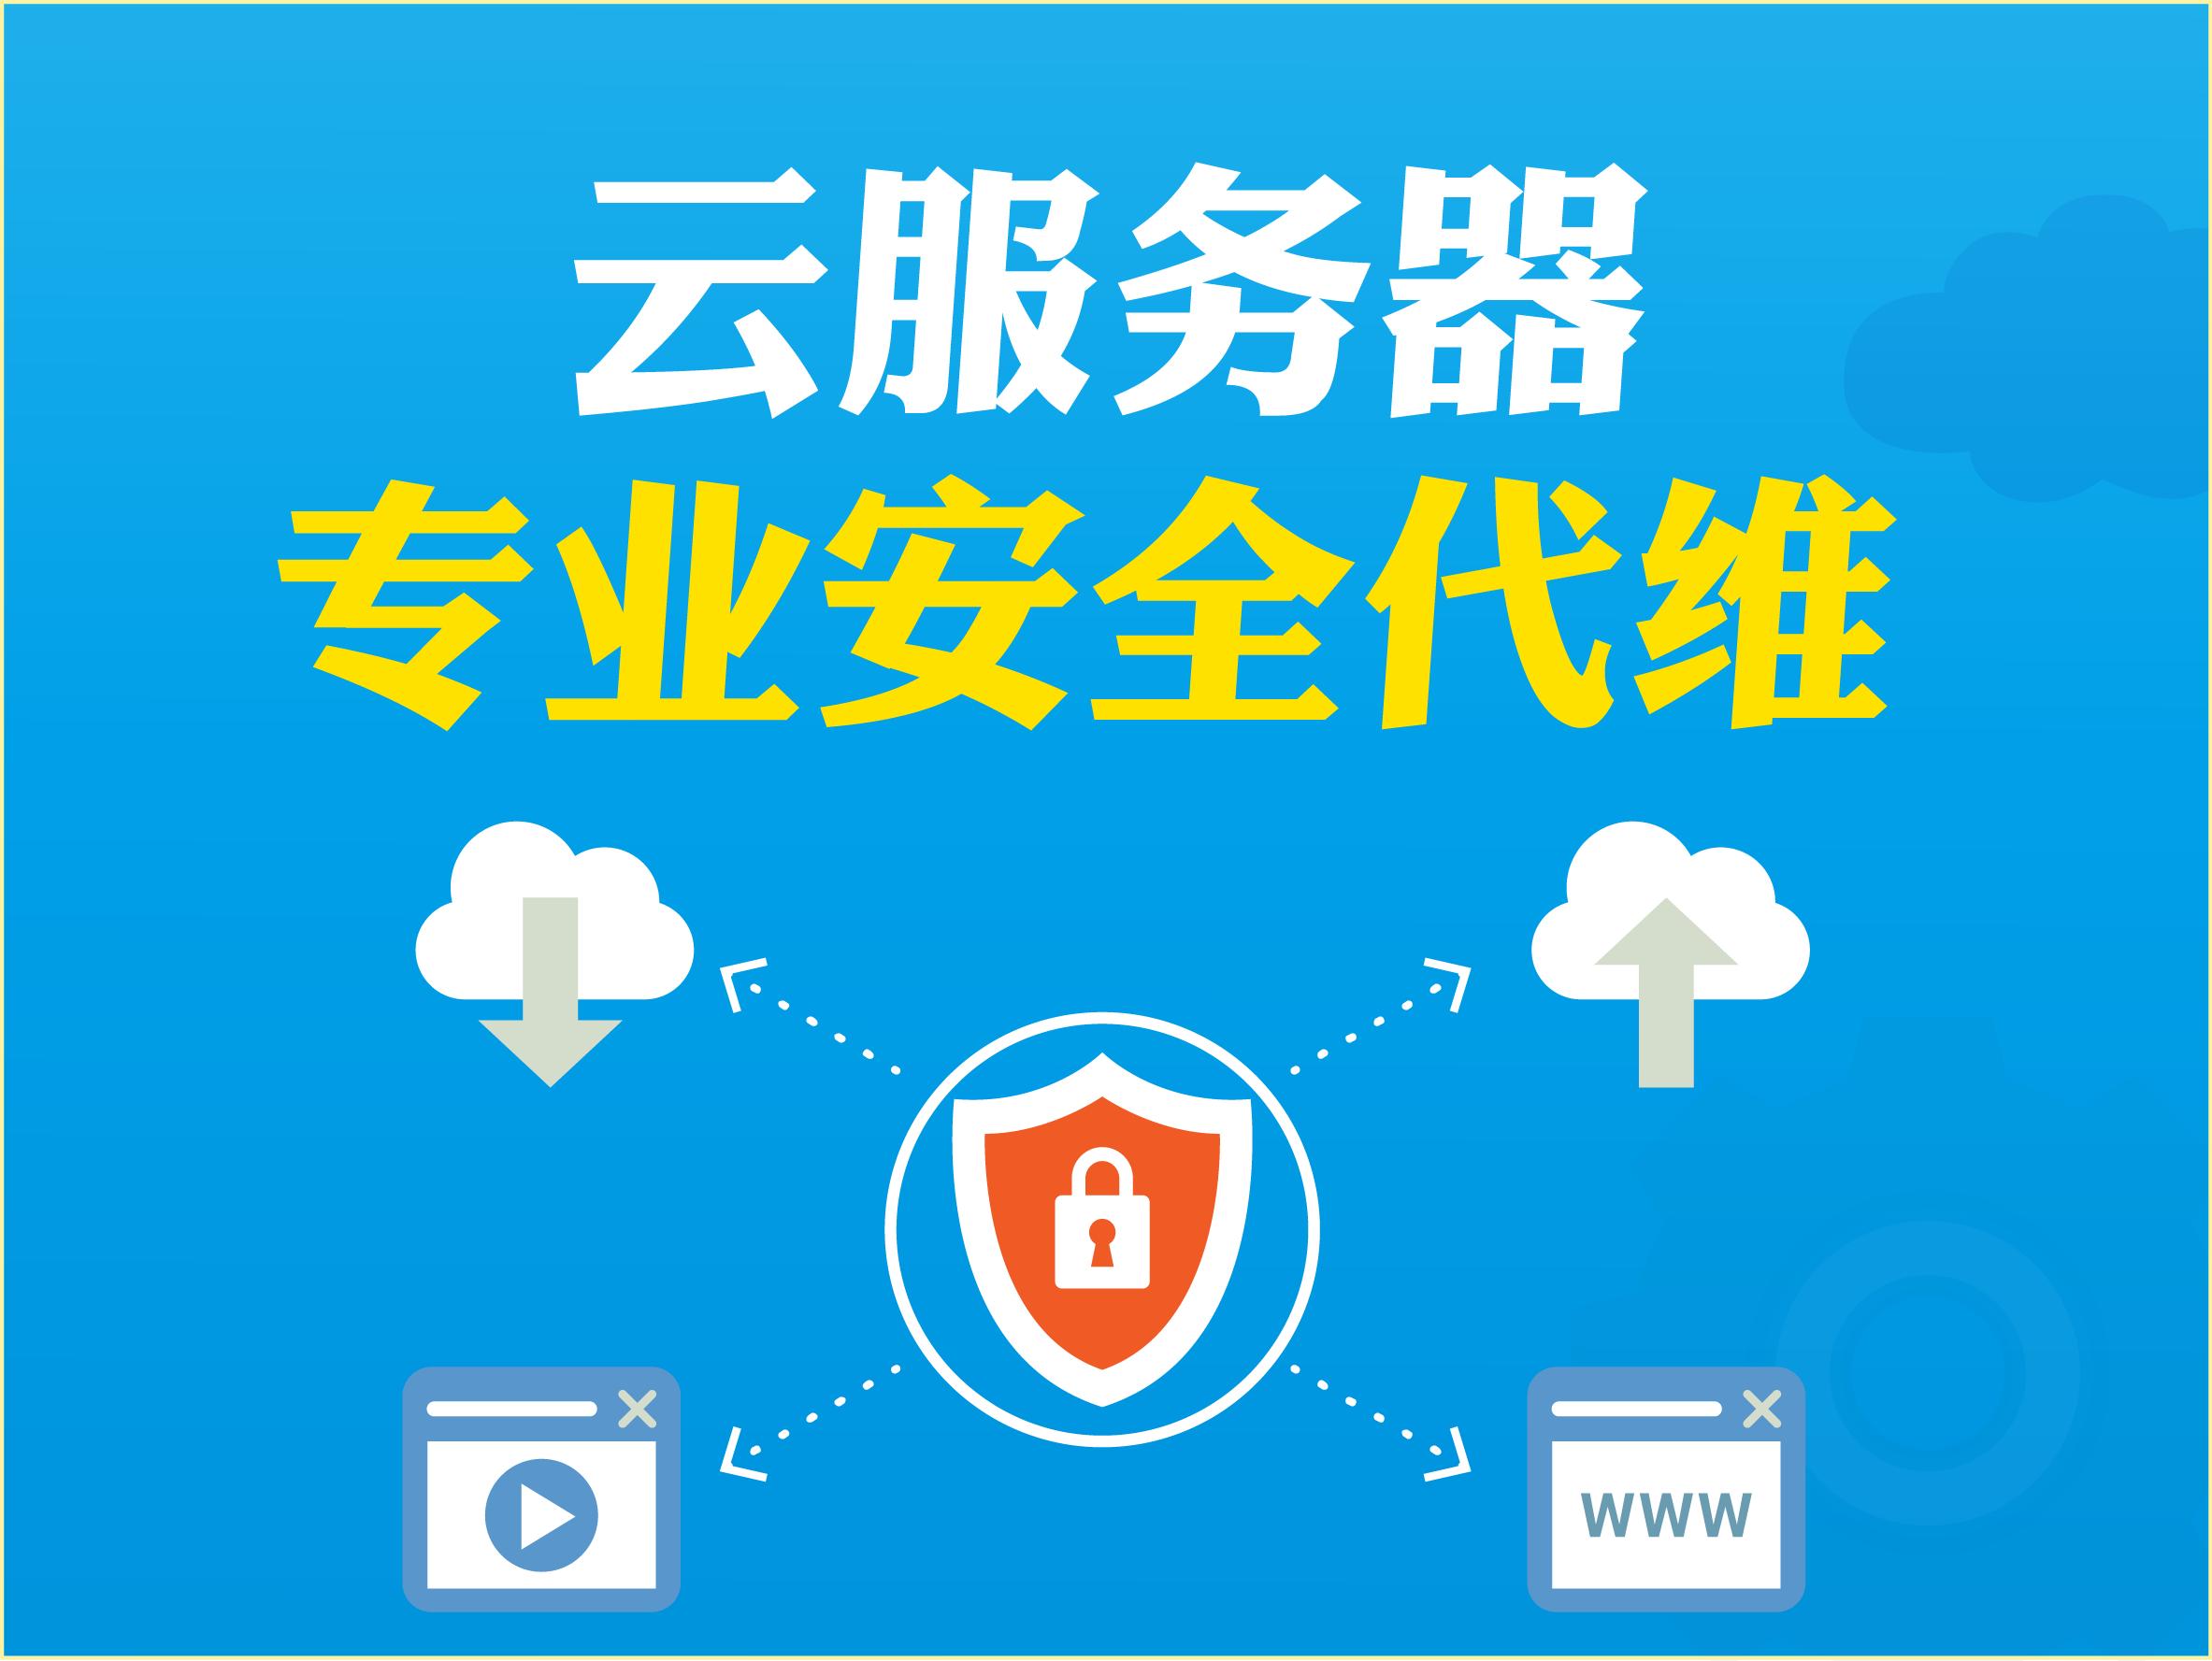 云服务器安全代维 服务器运维 运维服务包年 服务器维护 数据库维护 网站运维 网站代维 网站维护 数据库运维